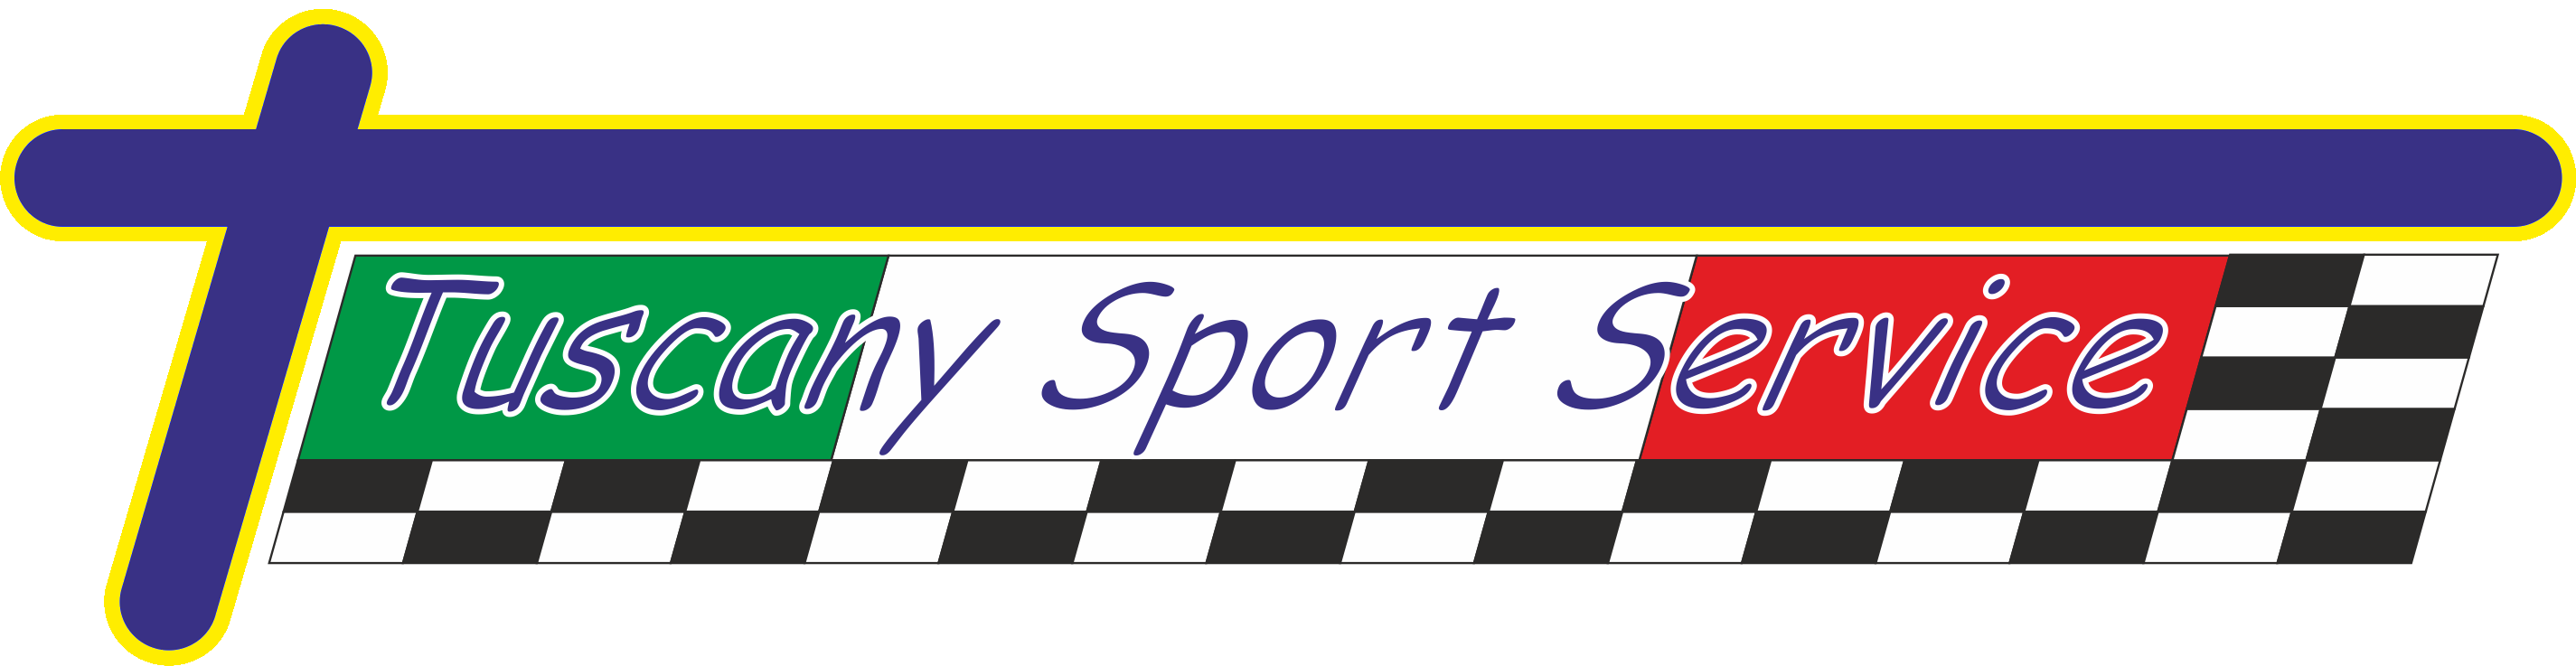 Tuscany Sport Service ASD - Organizzazione eventi sportivi motoristici ad Arezzo